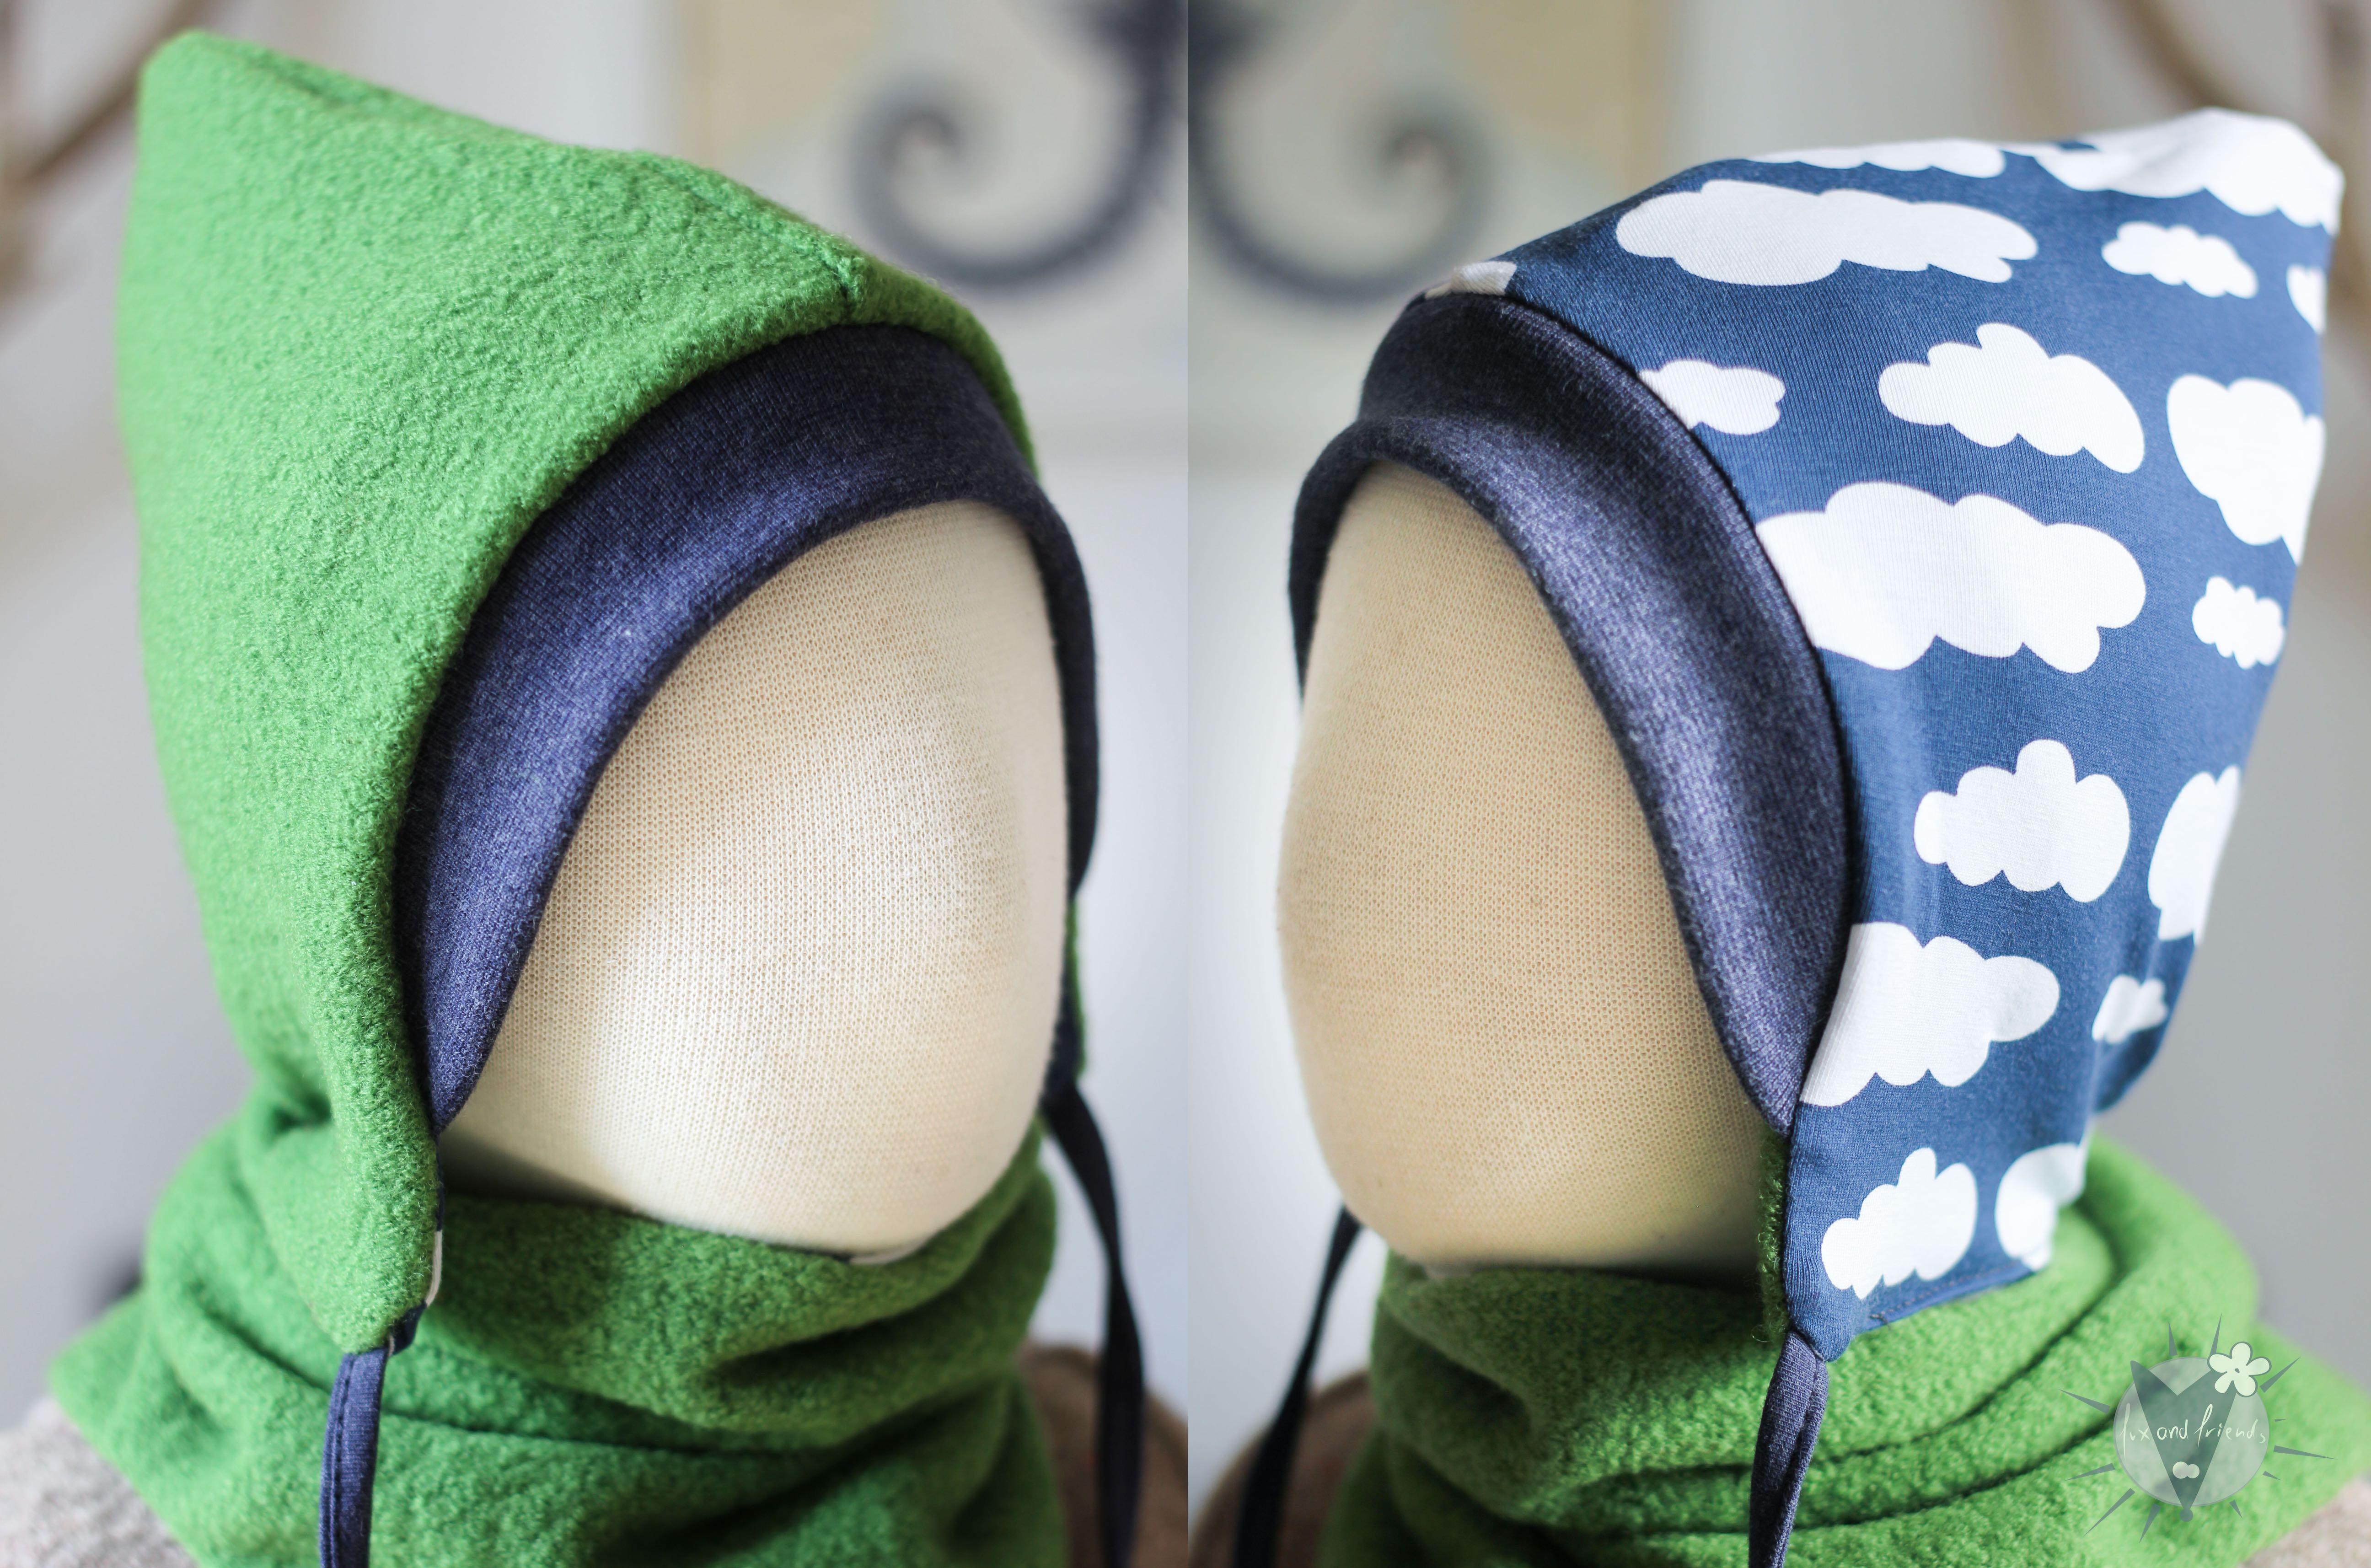 Kinder-Wollmütze, wendbar, grün mit Wolken auf blau